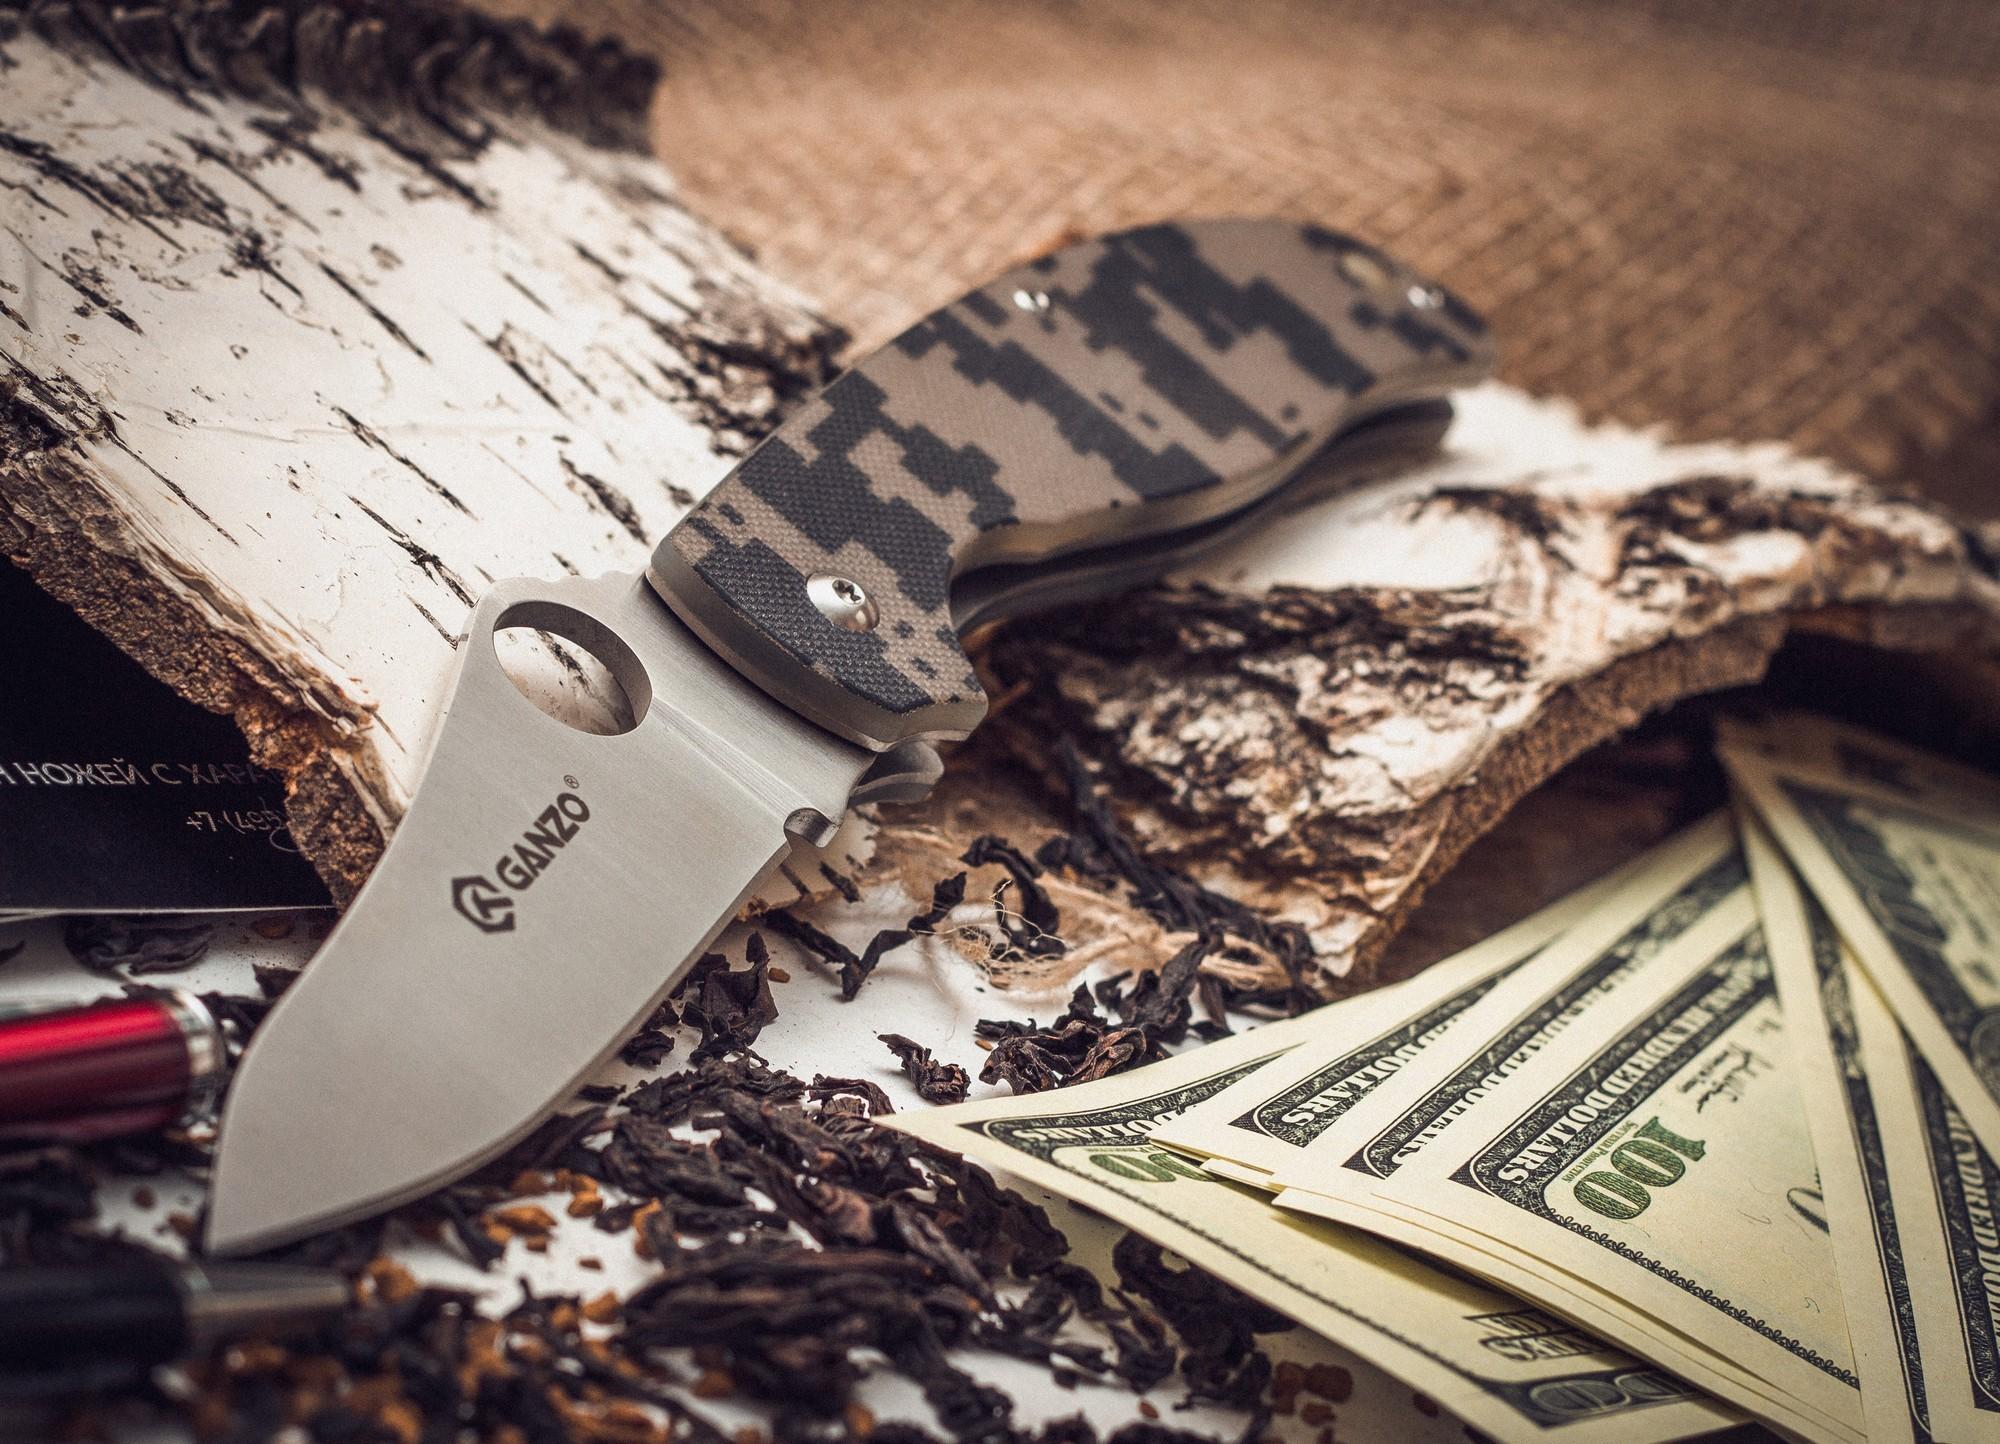 Складной нож Ganzo G734, камуфляж